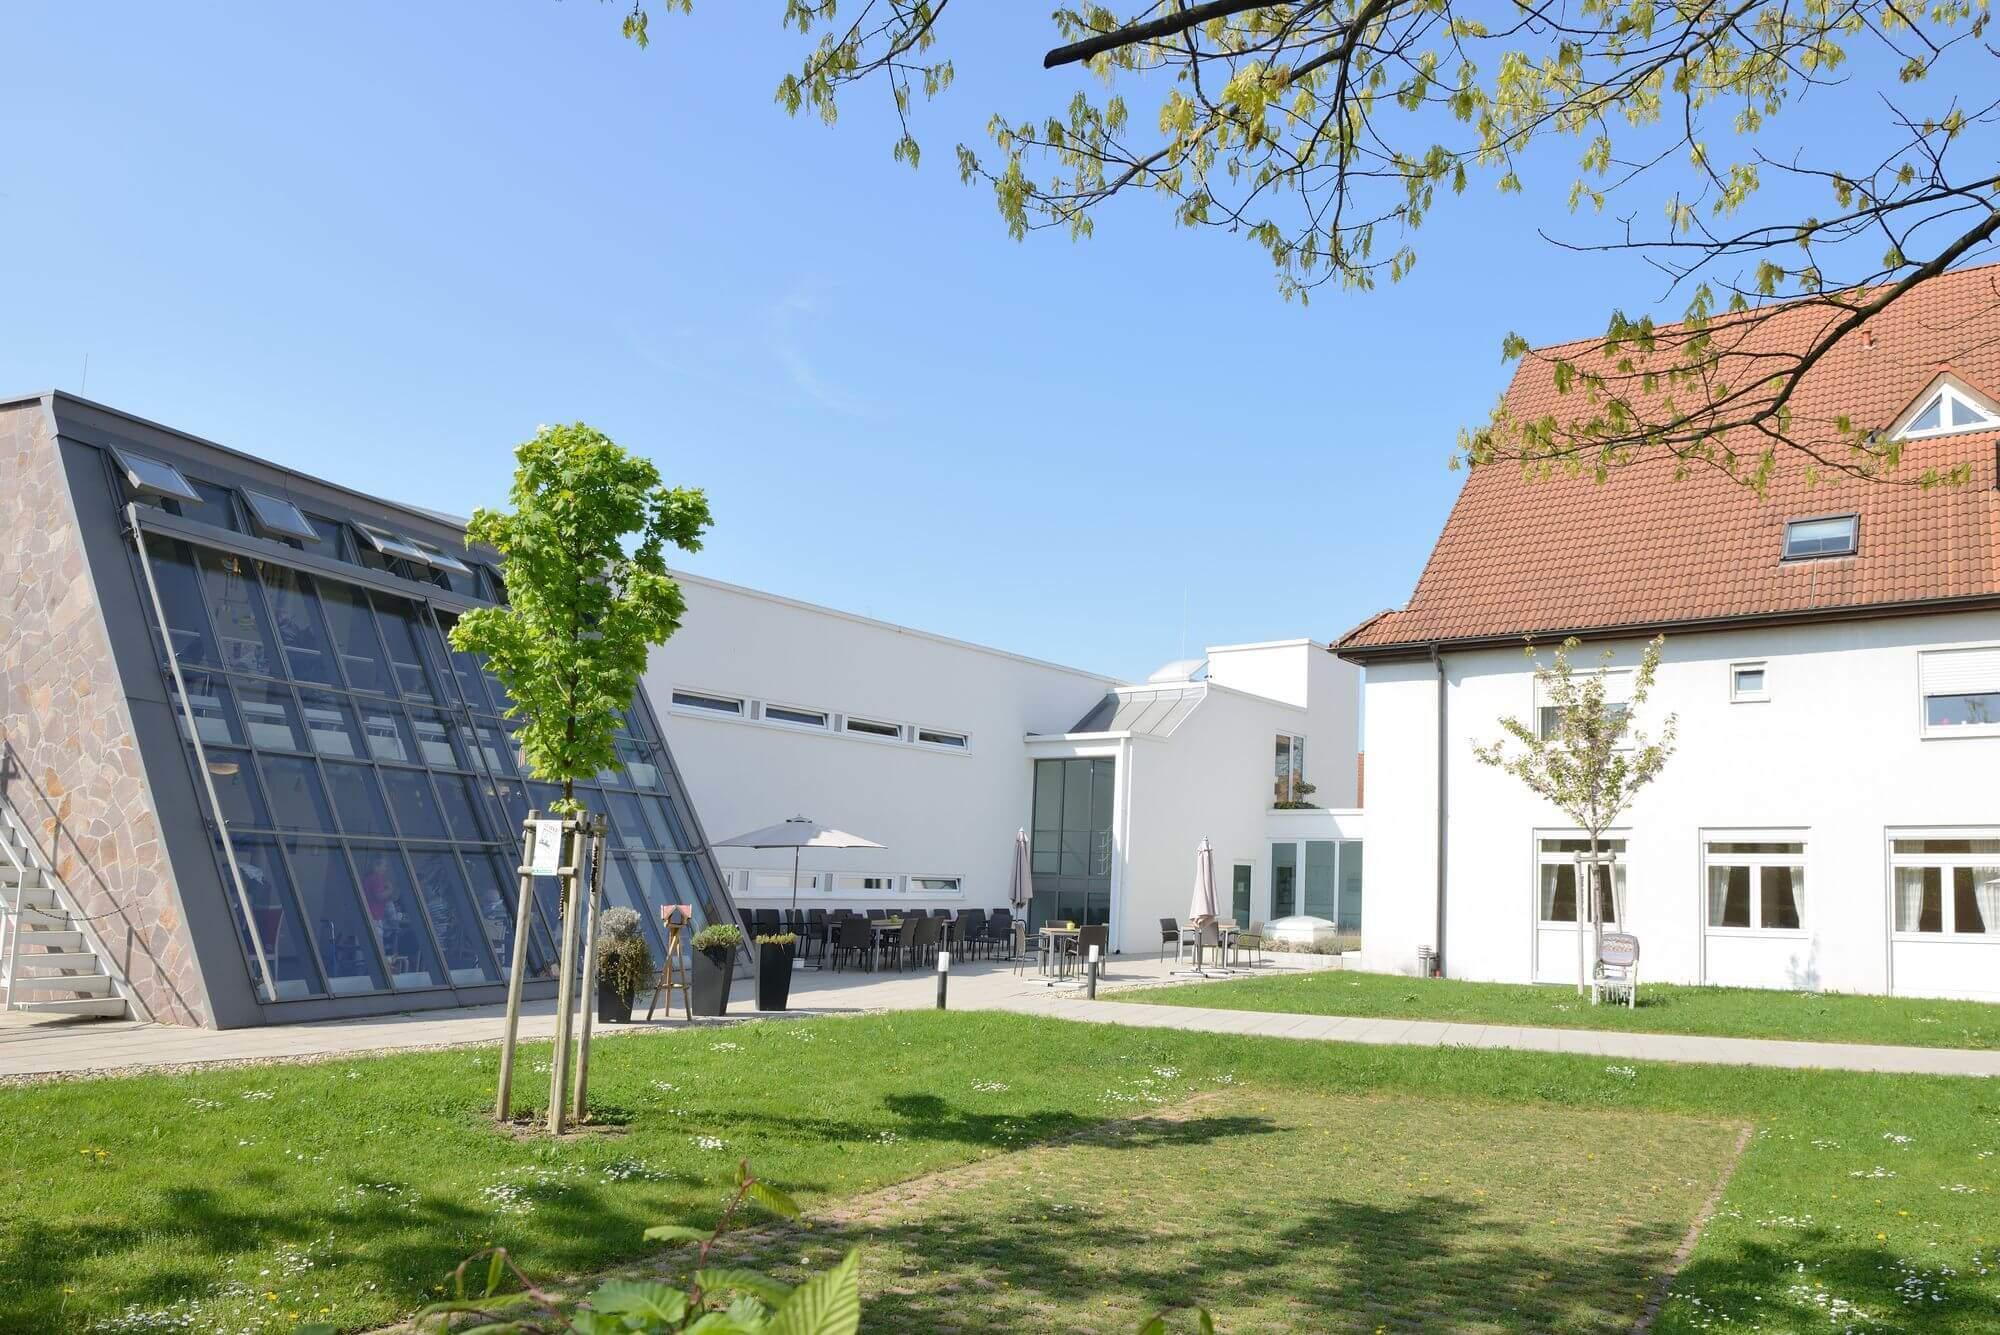 Hanne Landgraf Haus small AWO Karlsruhe